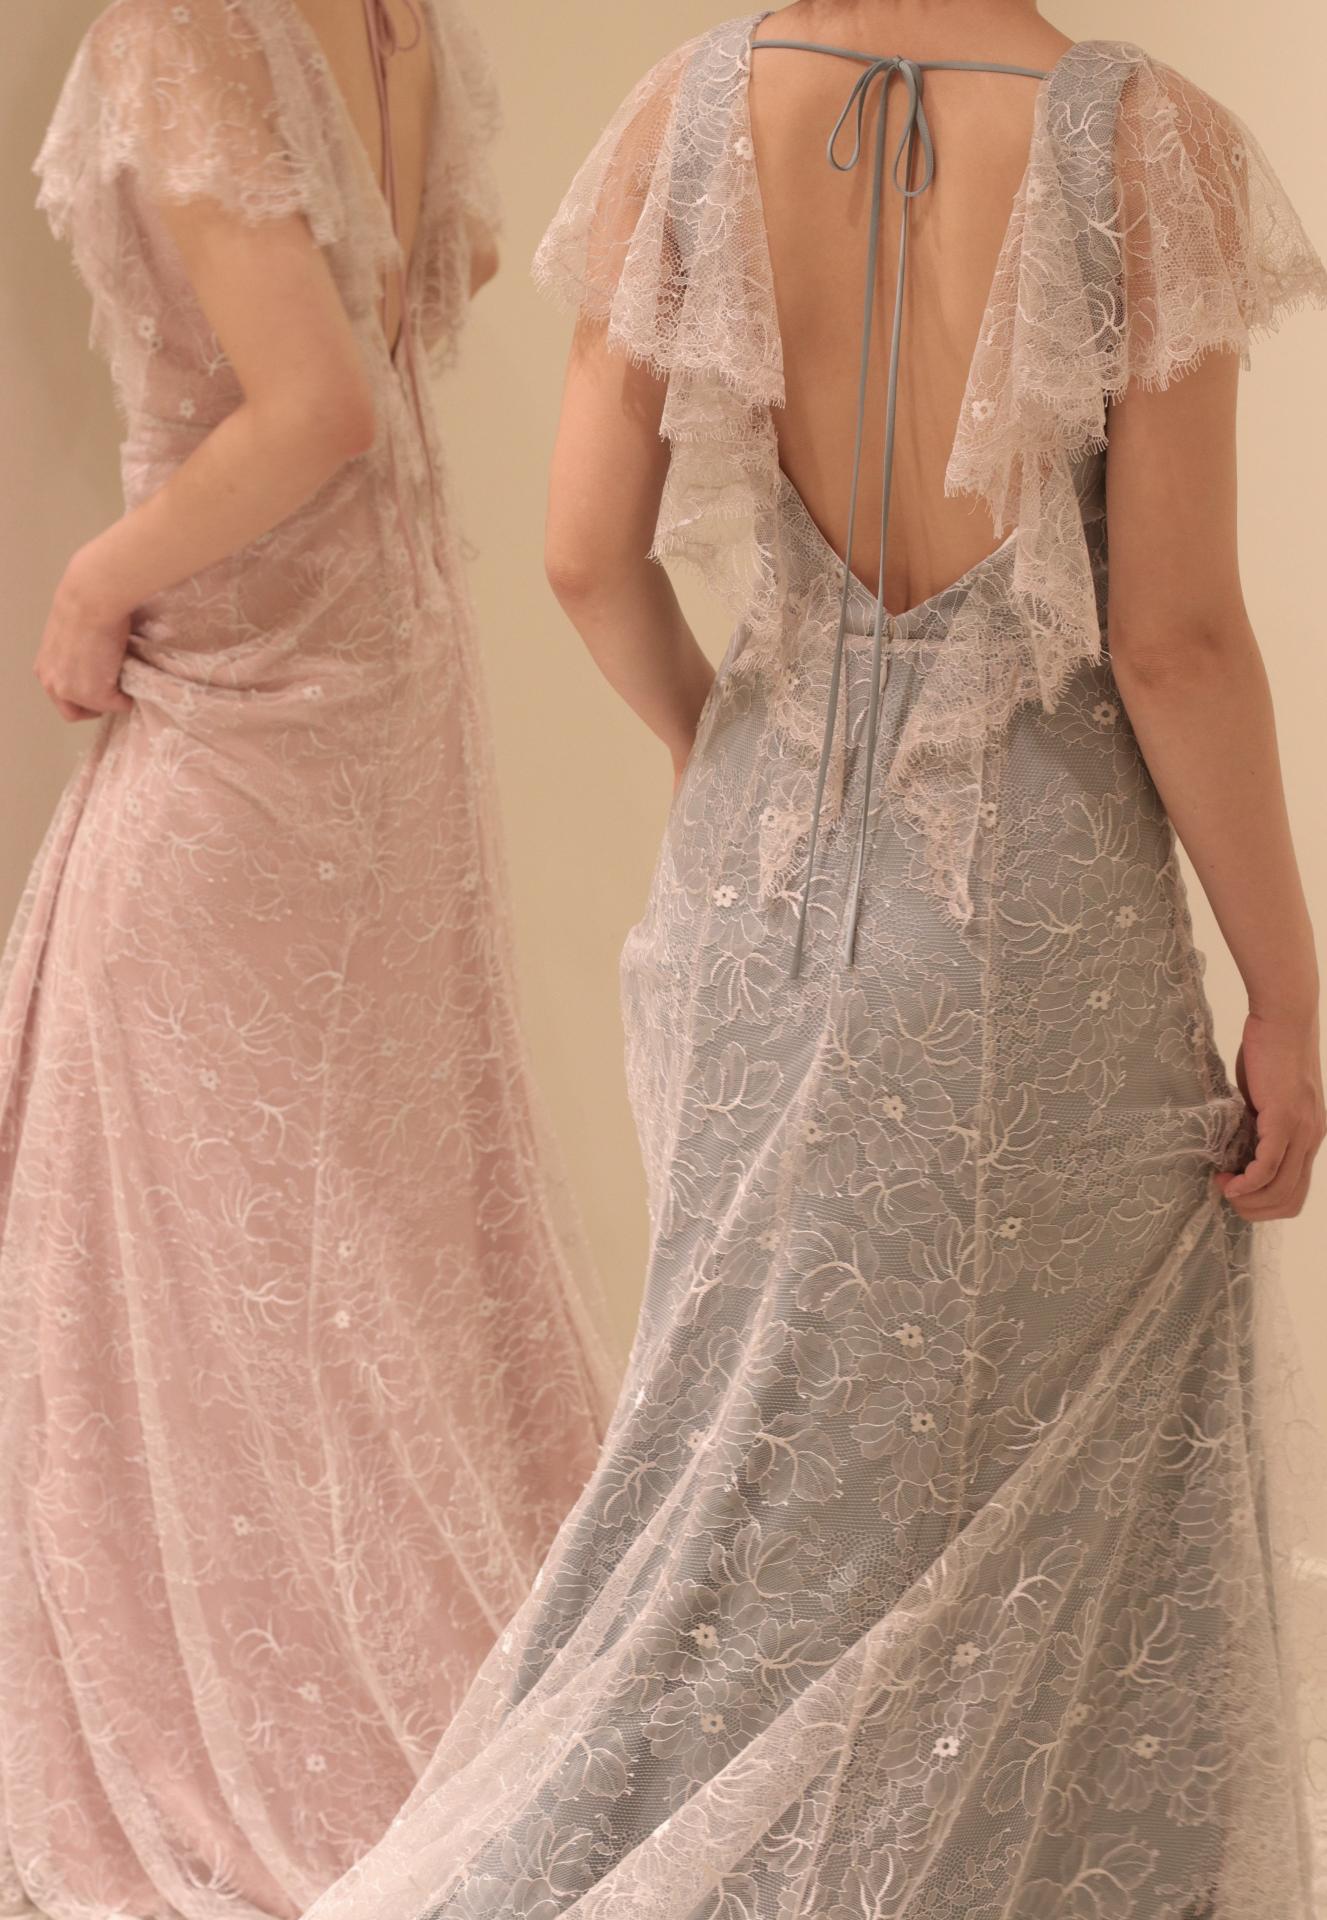 お背中を美しく魅せるバックスタイルが人気のザ・トリート・ドレッシングの新作カラードレスは、前撮りやフォトウェディングなどでも写真映えするデザインです